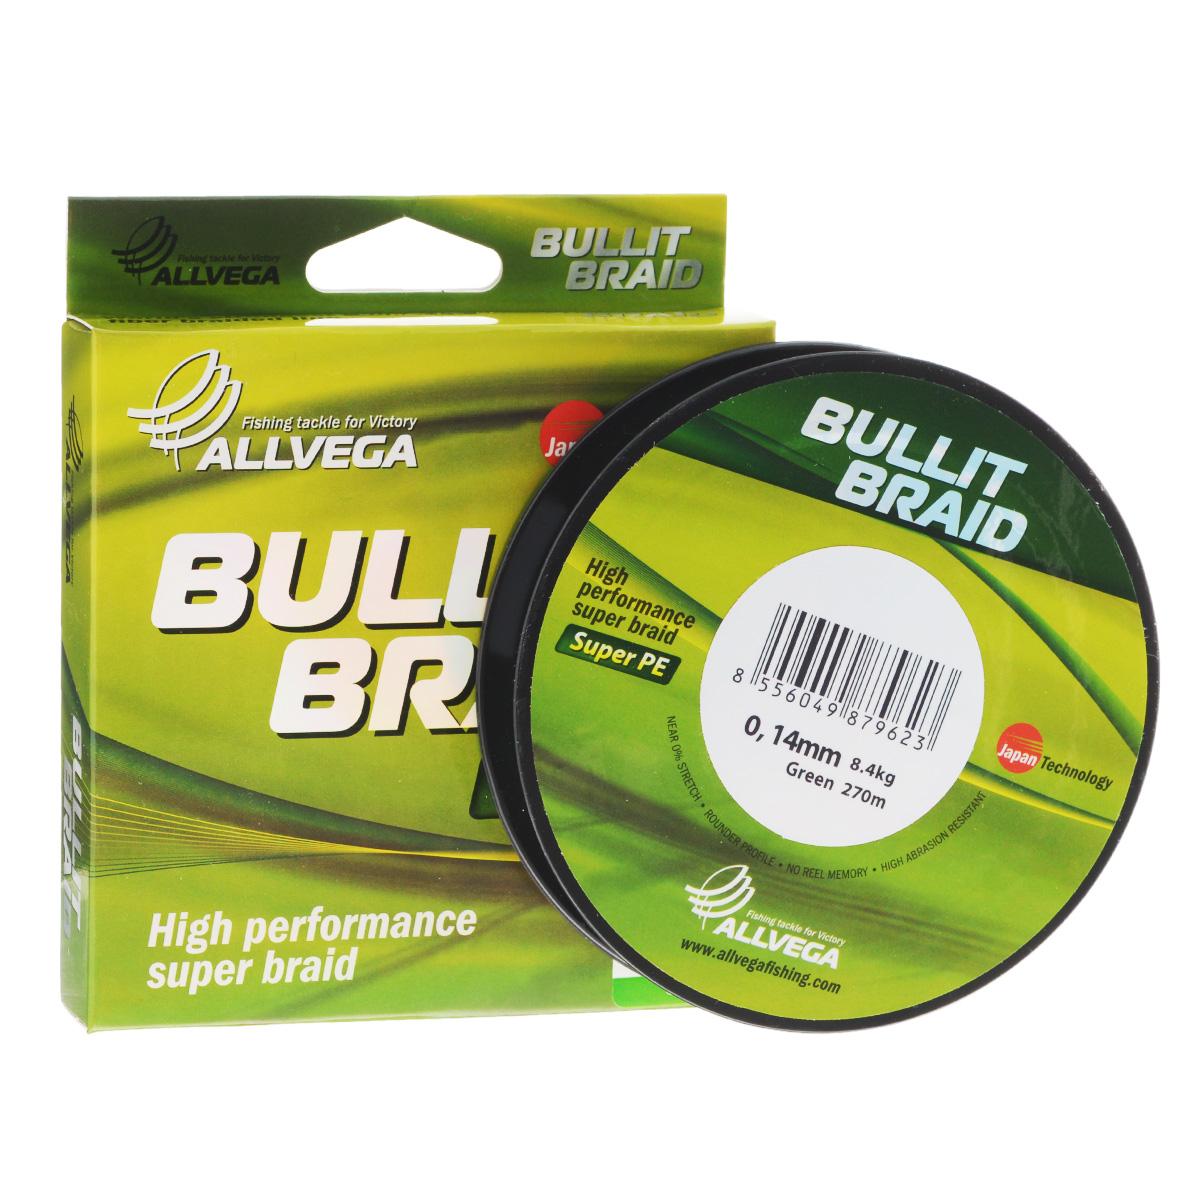 Леска плетеная Allvega Bullit Braid, цвет: темно-зеленый, 270 м, 0,14 мм, 8,4 кг25827Леска Allvega Bullit Braid с гладкой поверхностью и одинаковым сечением по всей длине обладает высокой износостойкостью. Благодаря микроволокнам полиэтилена (Super PE) леска имеет очень плотное плетение и не впитывает воду. Леску Allvega Bullit Braid можно применять в любых типах водоемов. Особенности:повышенная износостойкость;высокая чувствительность - коэффициент растяжения близок к нулю;отсутствует память; идеально гладкая поверхность позволяет увеличить дальность забросов; высокая прочность шнура на узлах.